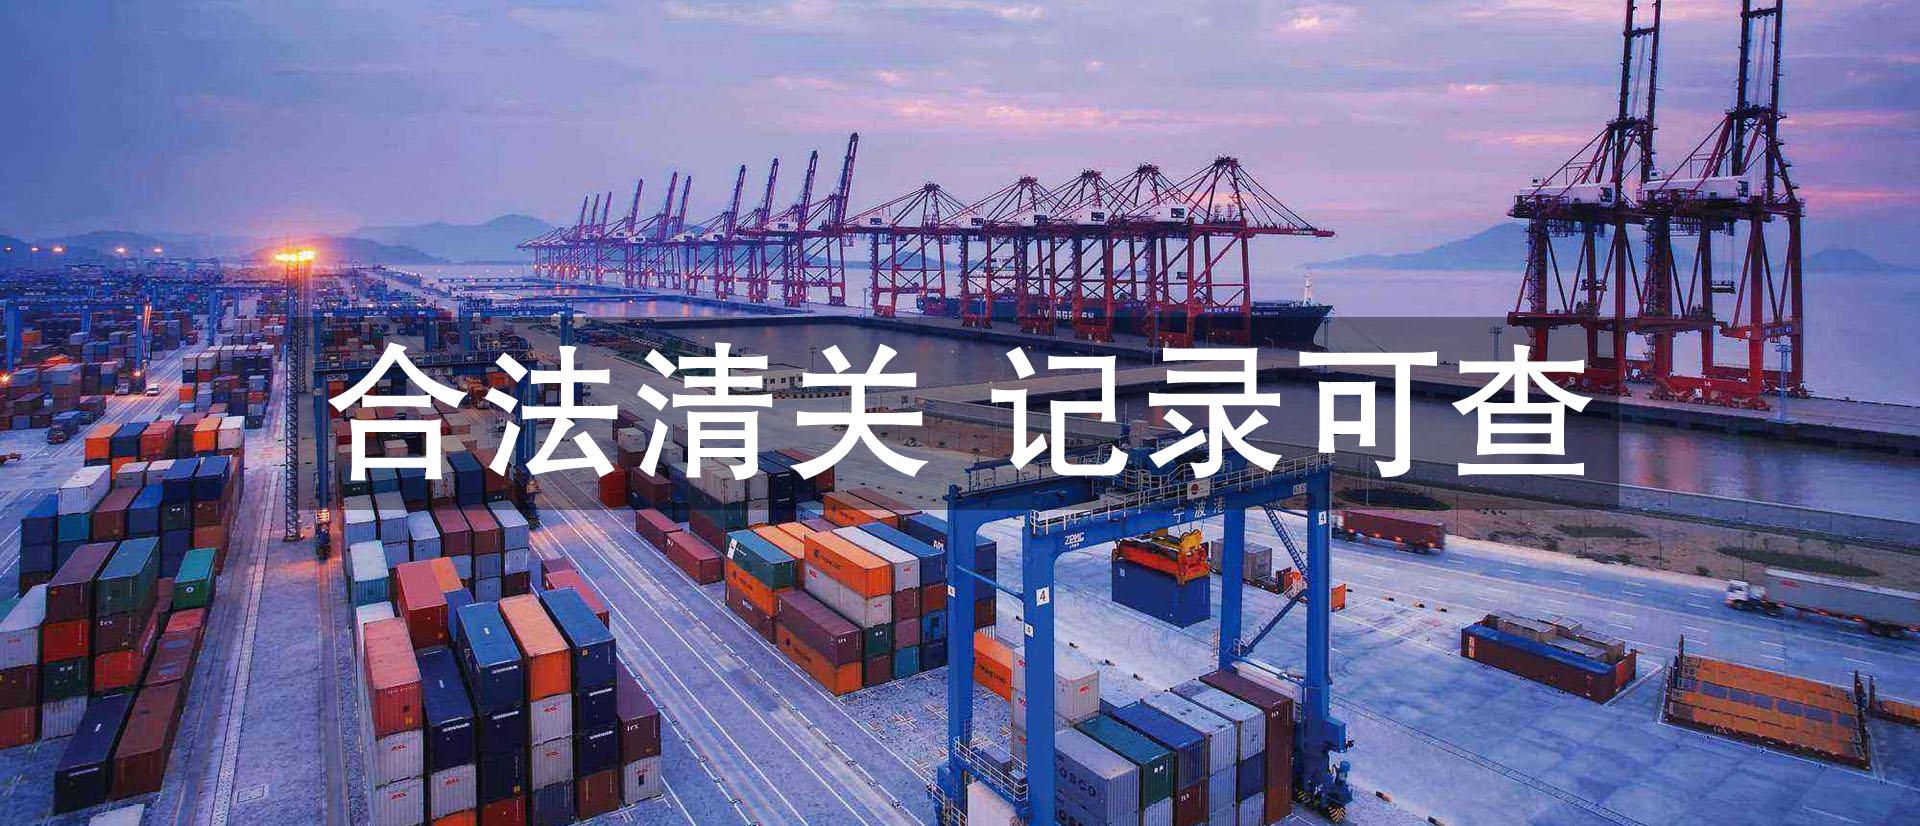 进口货源合法清关